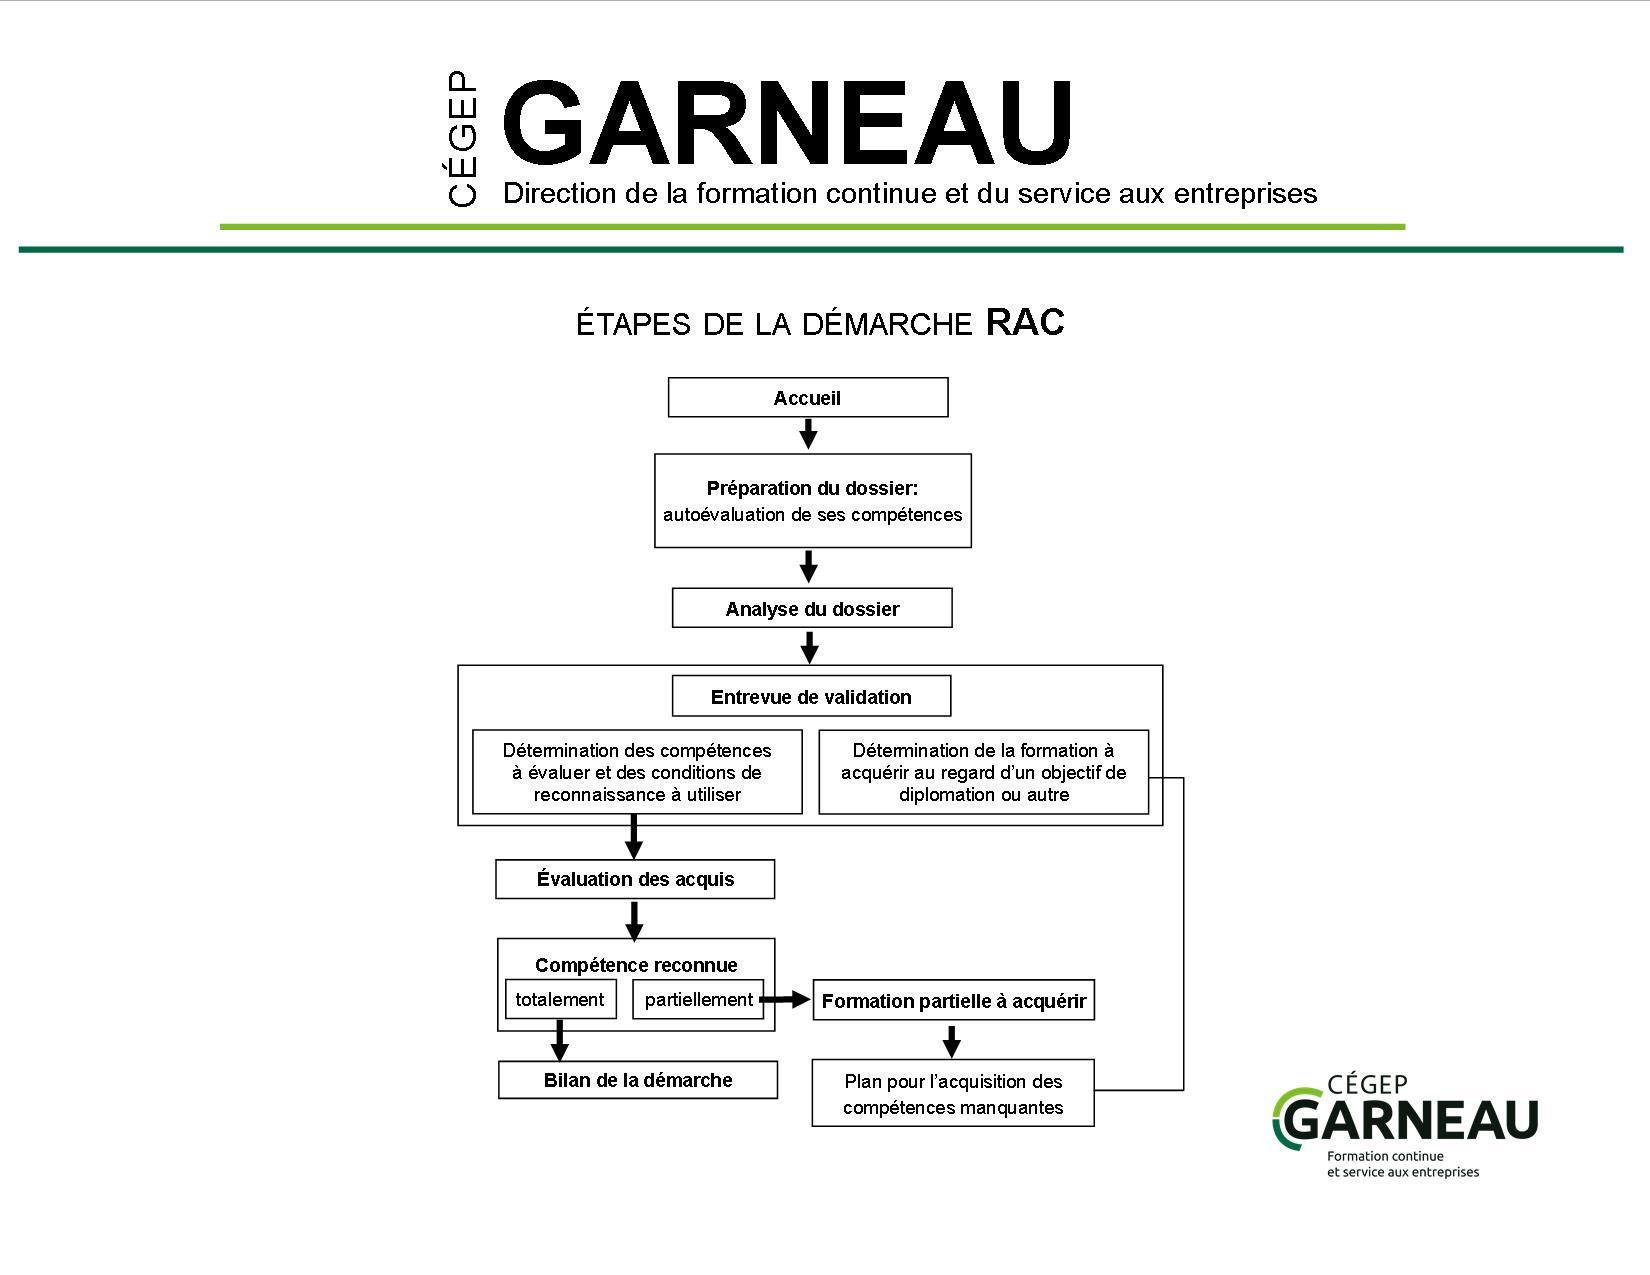 étapes de la démarche RAC